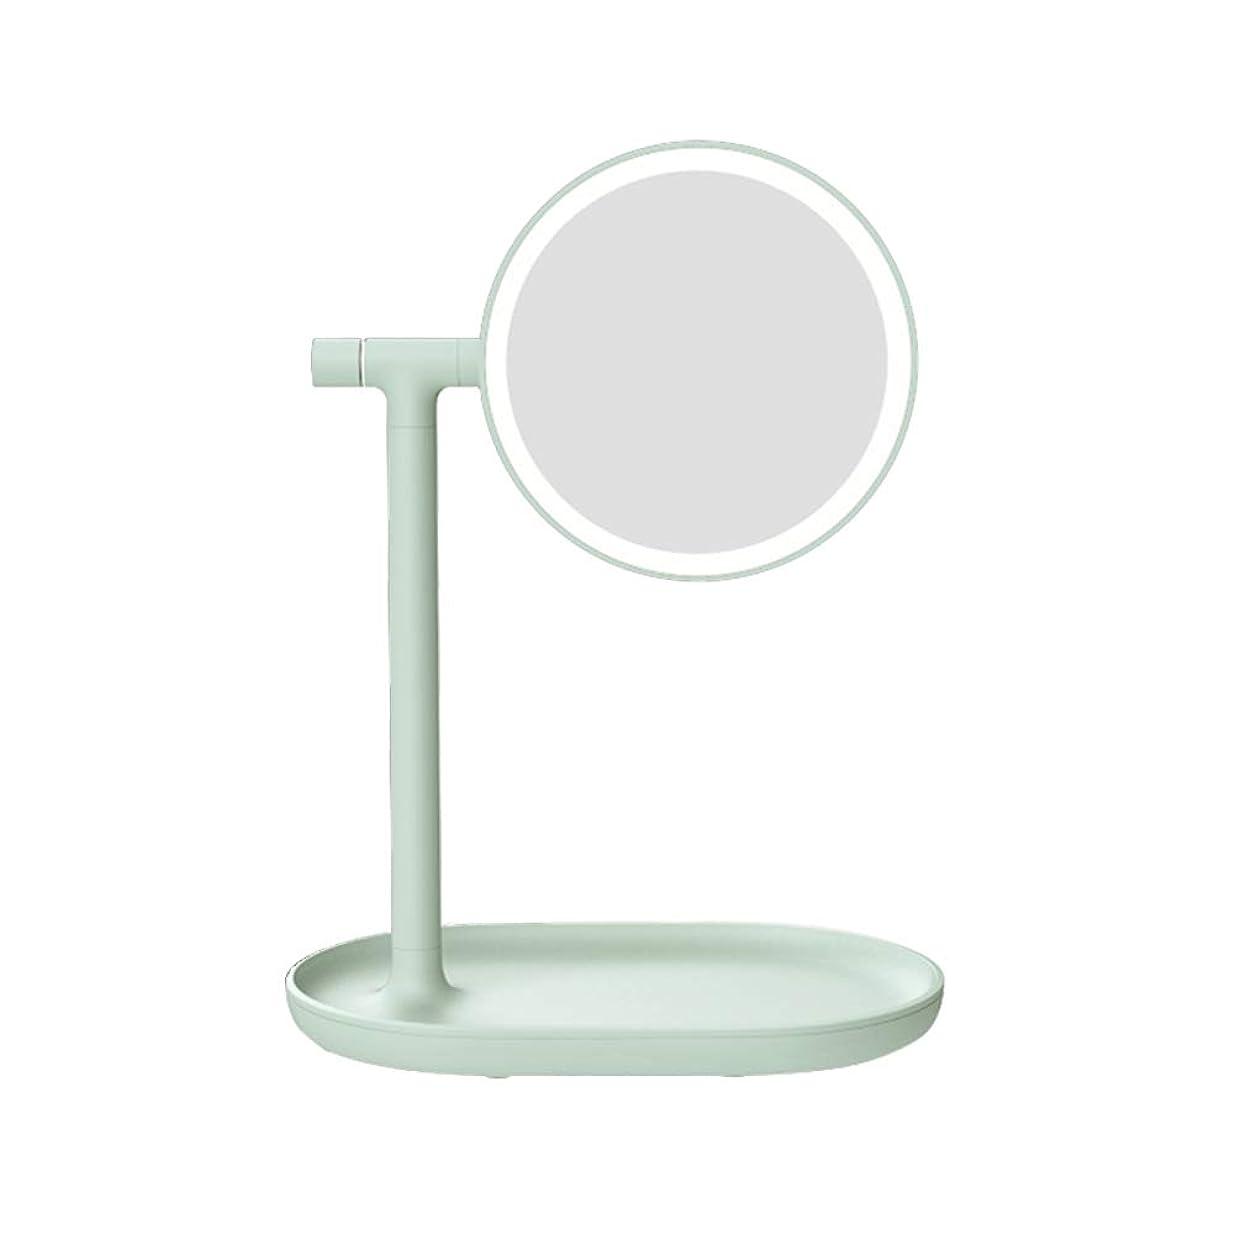 飼いならすチェス甘味「生活のカタチ」 化粧鏡 スタンドミラー LED 270度回転卓上鏡 3倍拡大 収納トレー付 明るさ調節可 充電式 蓄電可能 メイク 美容用品 日用品 ライト付 4色 (グリーン )